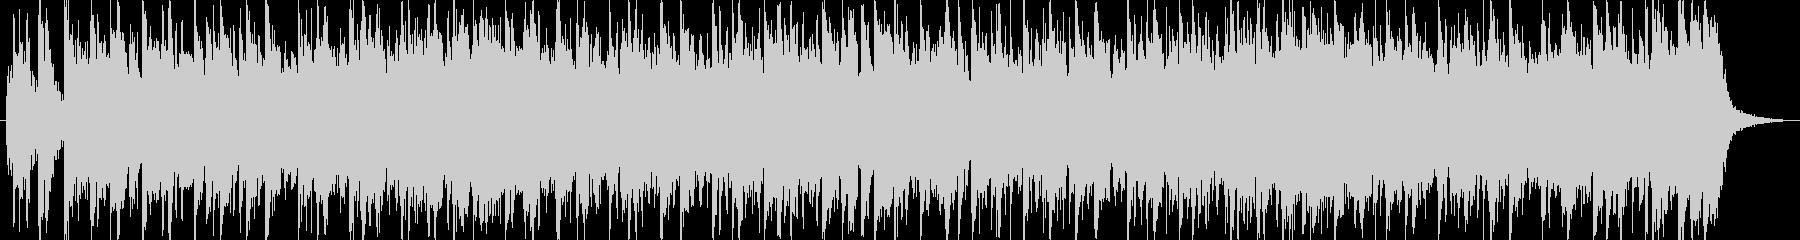 トーク用BGM(ファンク、ロック)の未再生の波形